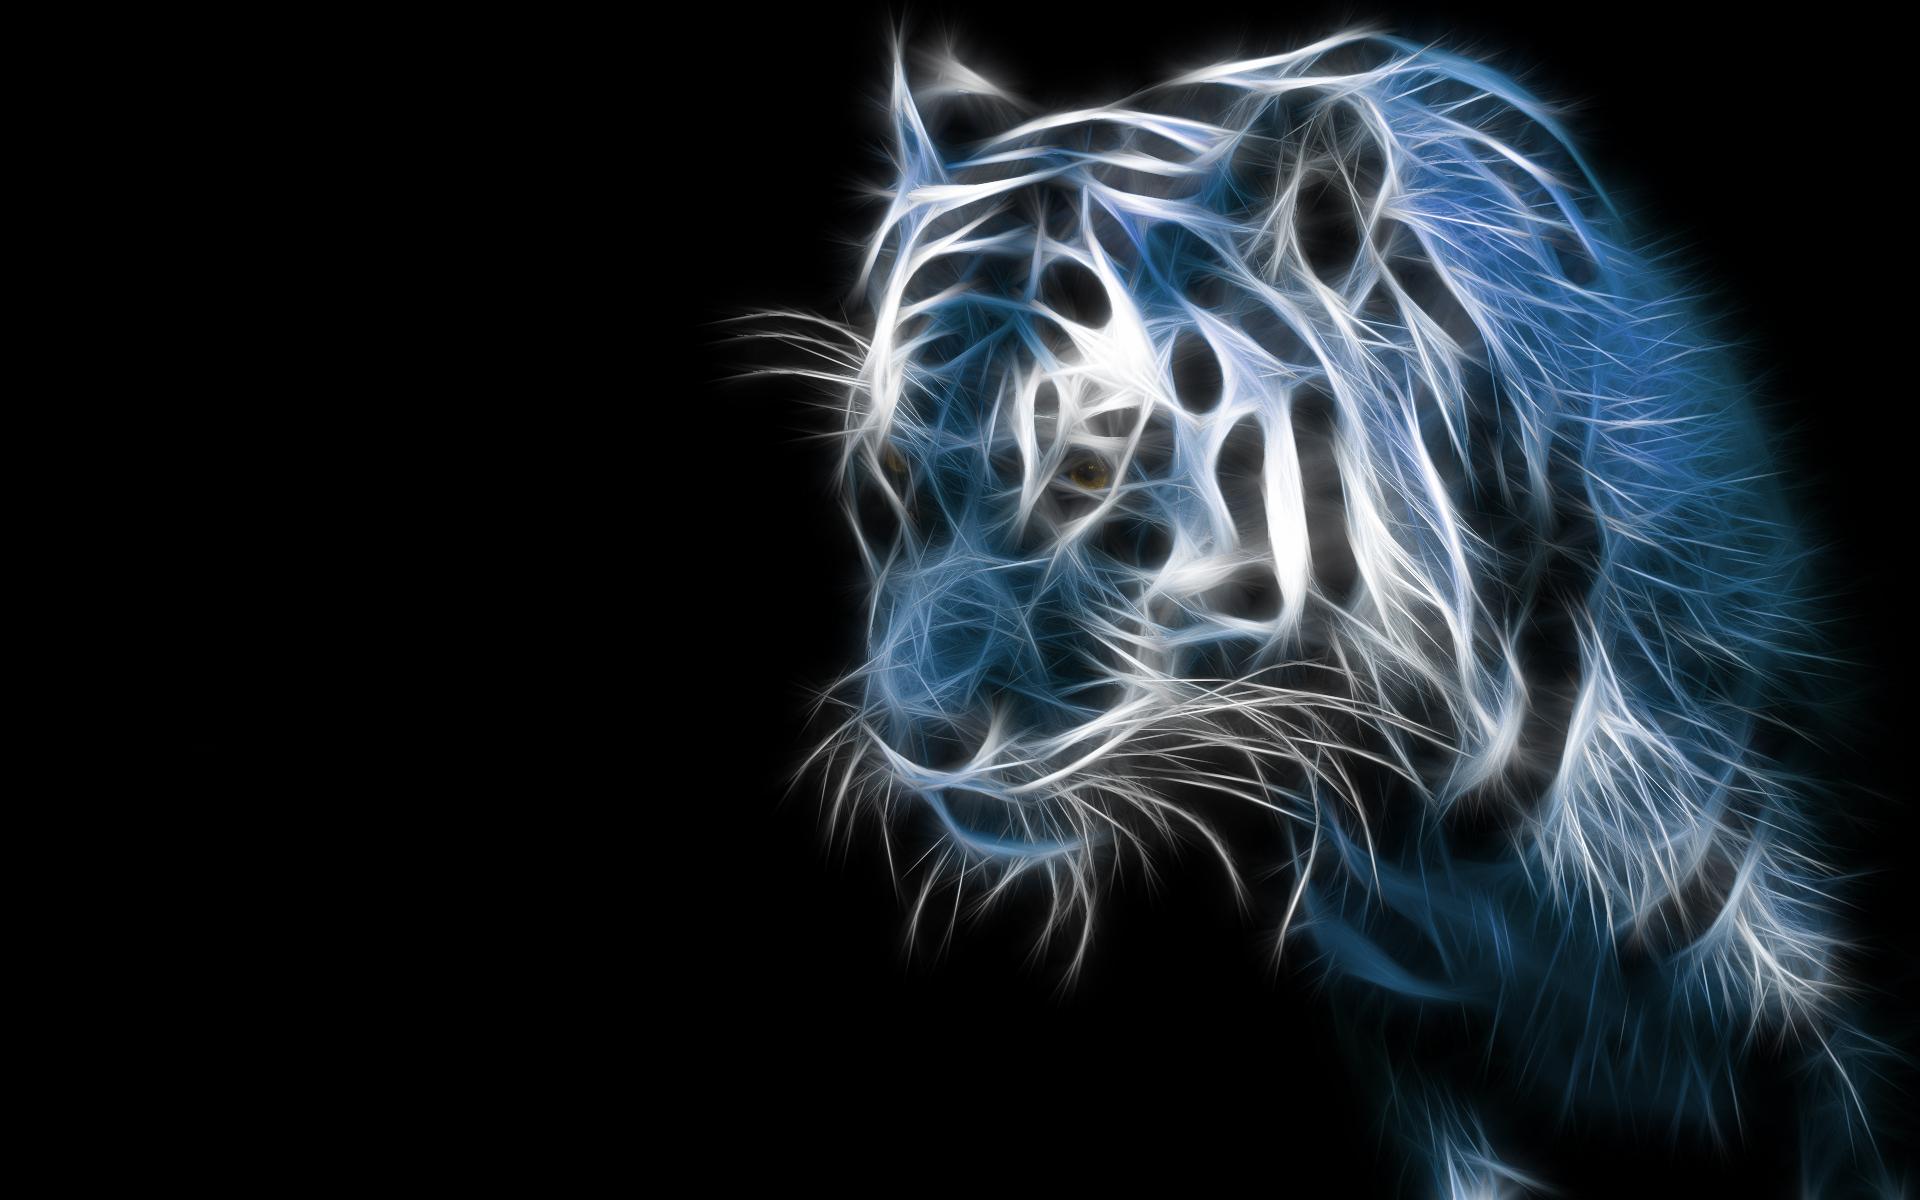 Tiere - Tiger  Fraktale Blau Künstlerisch CGI Wallpaper